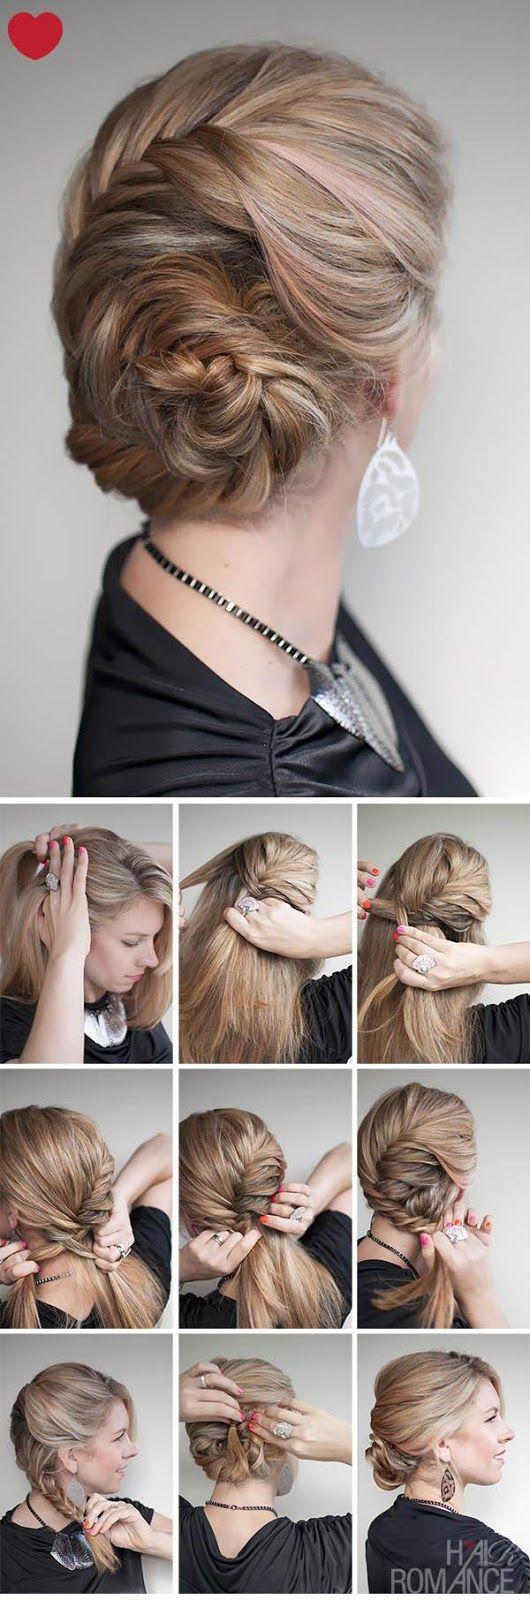 Видео уроки причесок для разных типов волос - онлайн 55